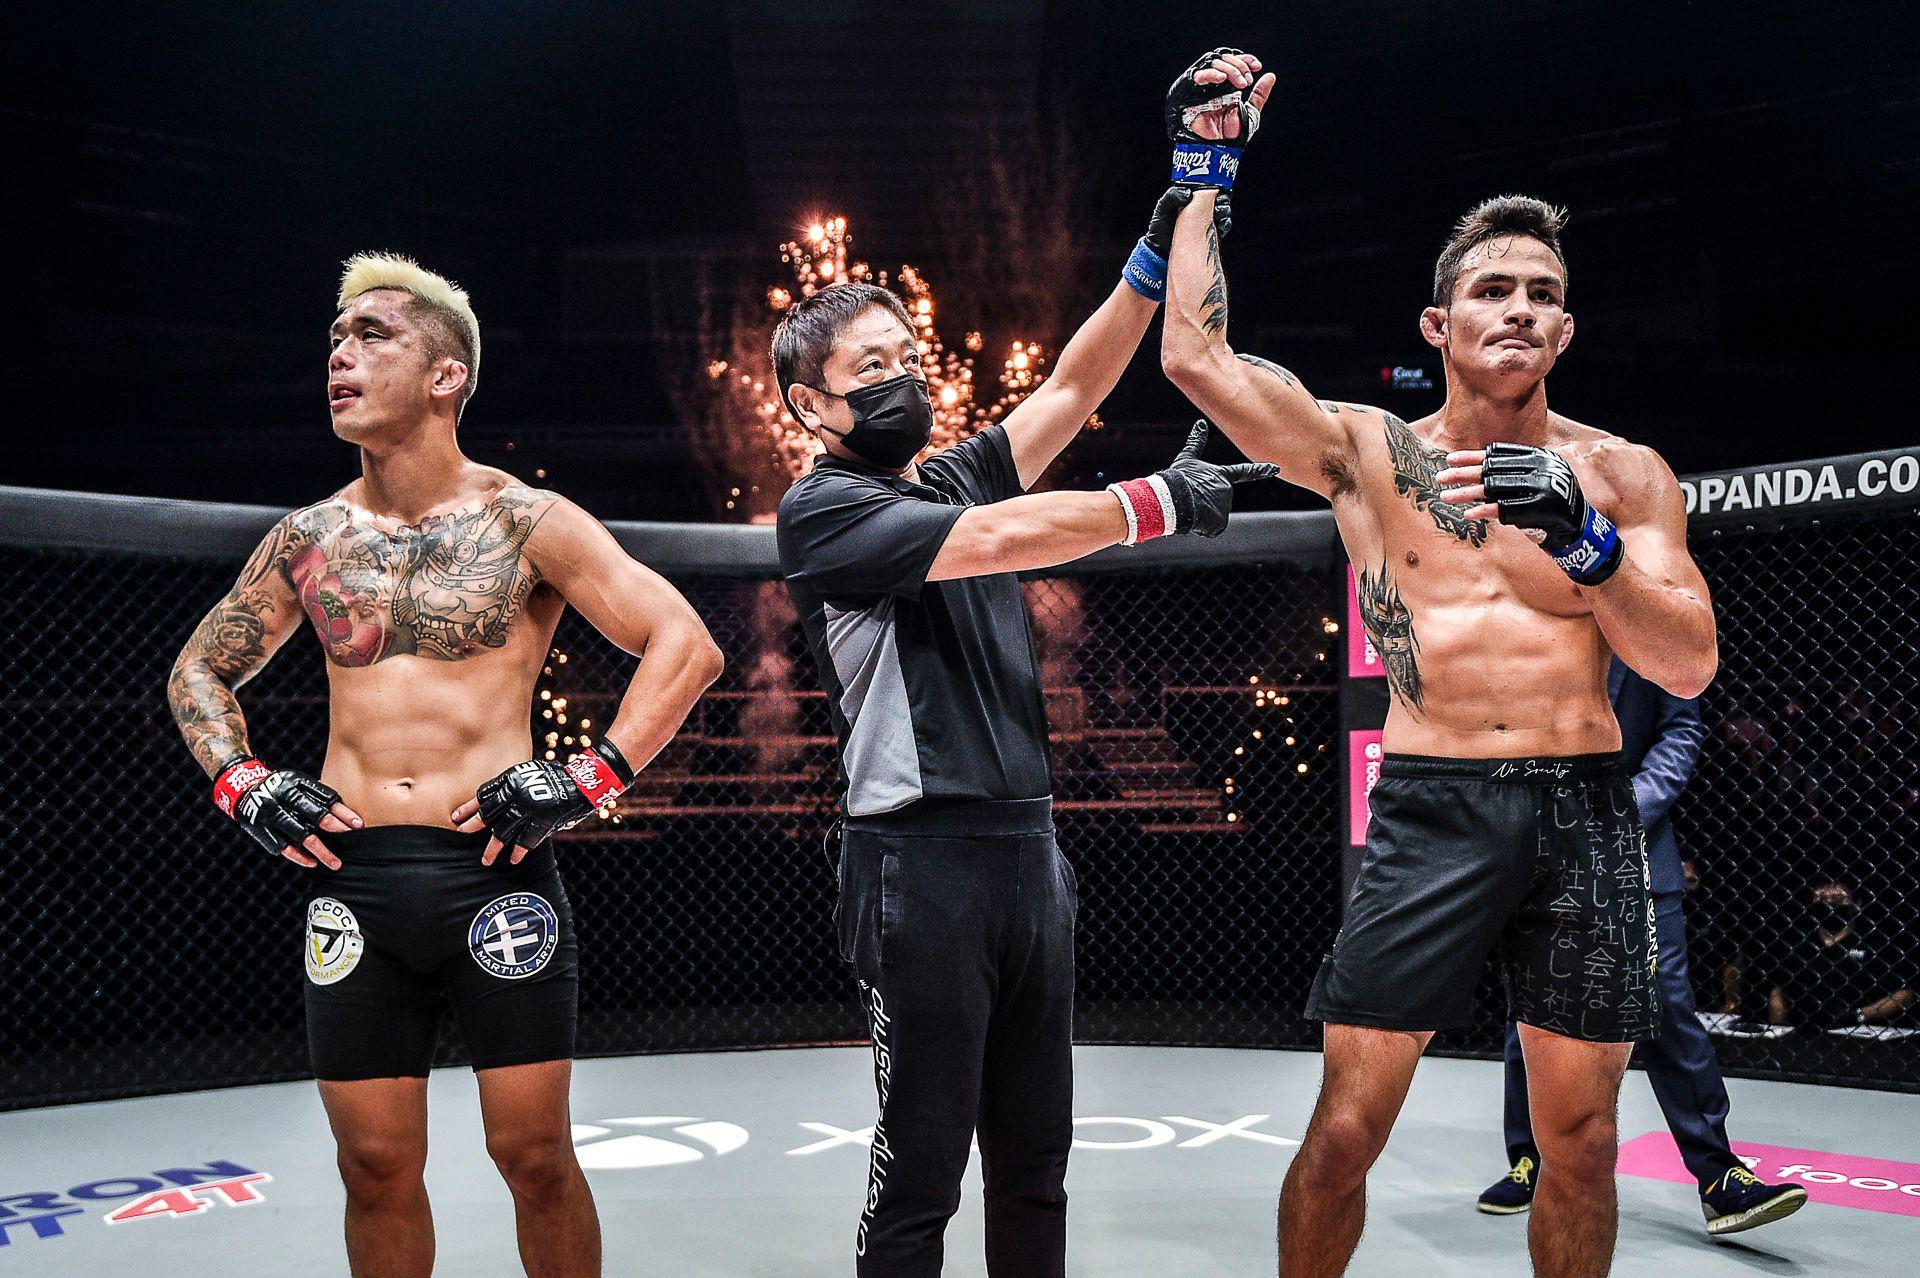 Chùm ảnh: Thành Lê hạ knock-out Martin Nguyễn, trở thành nhà vua mới tại hạng lông của ONE Championship - Ảnh 8.